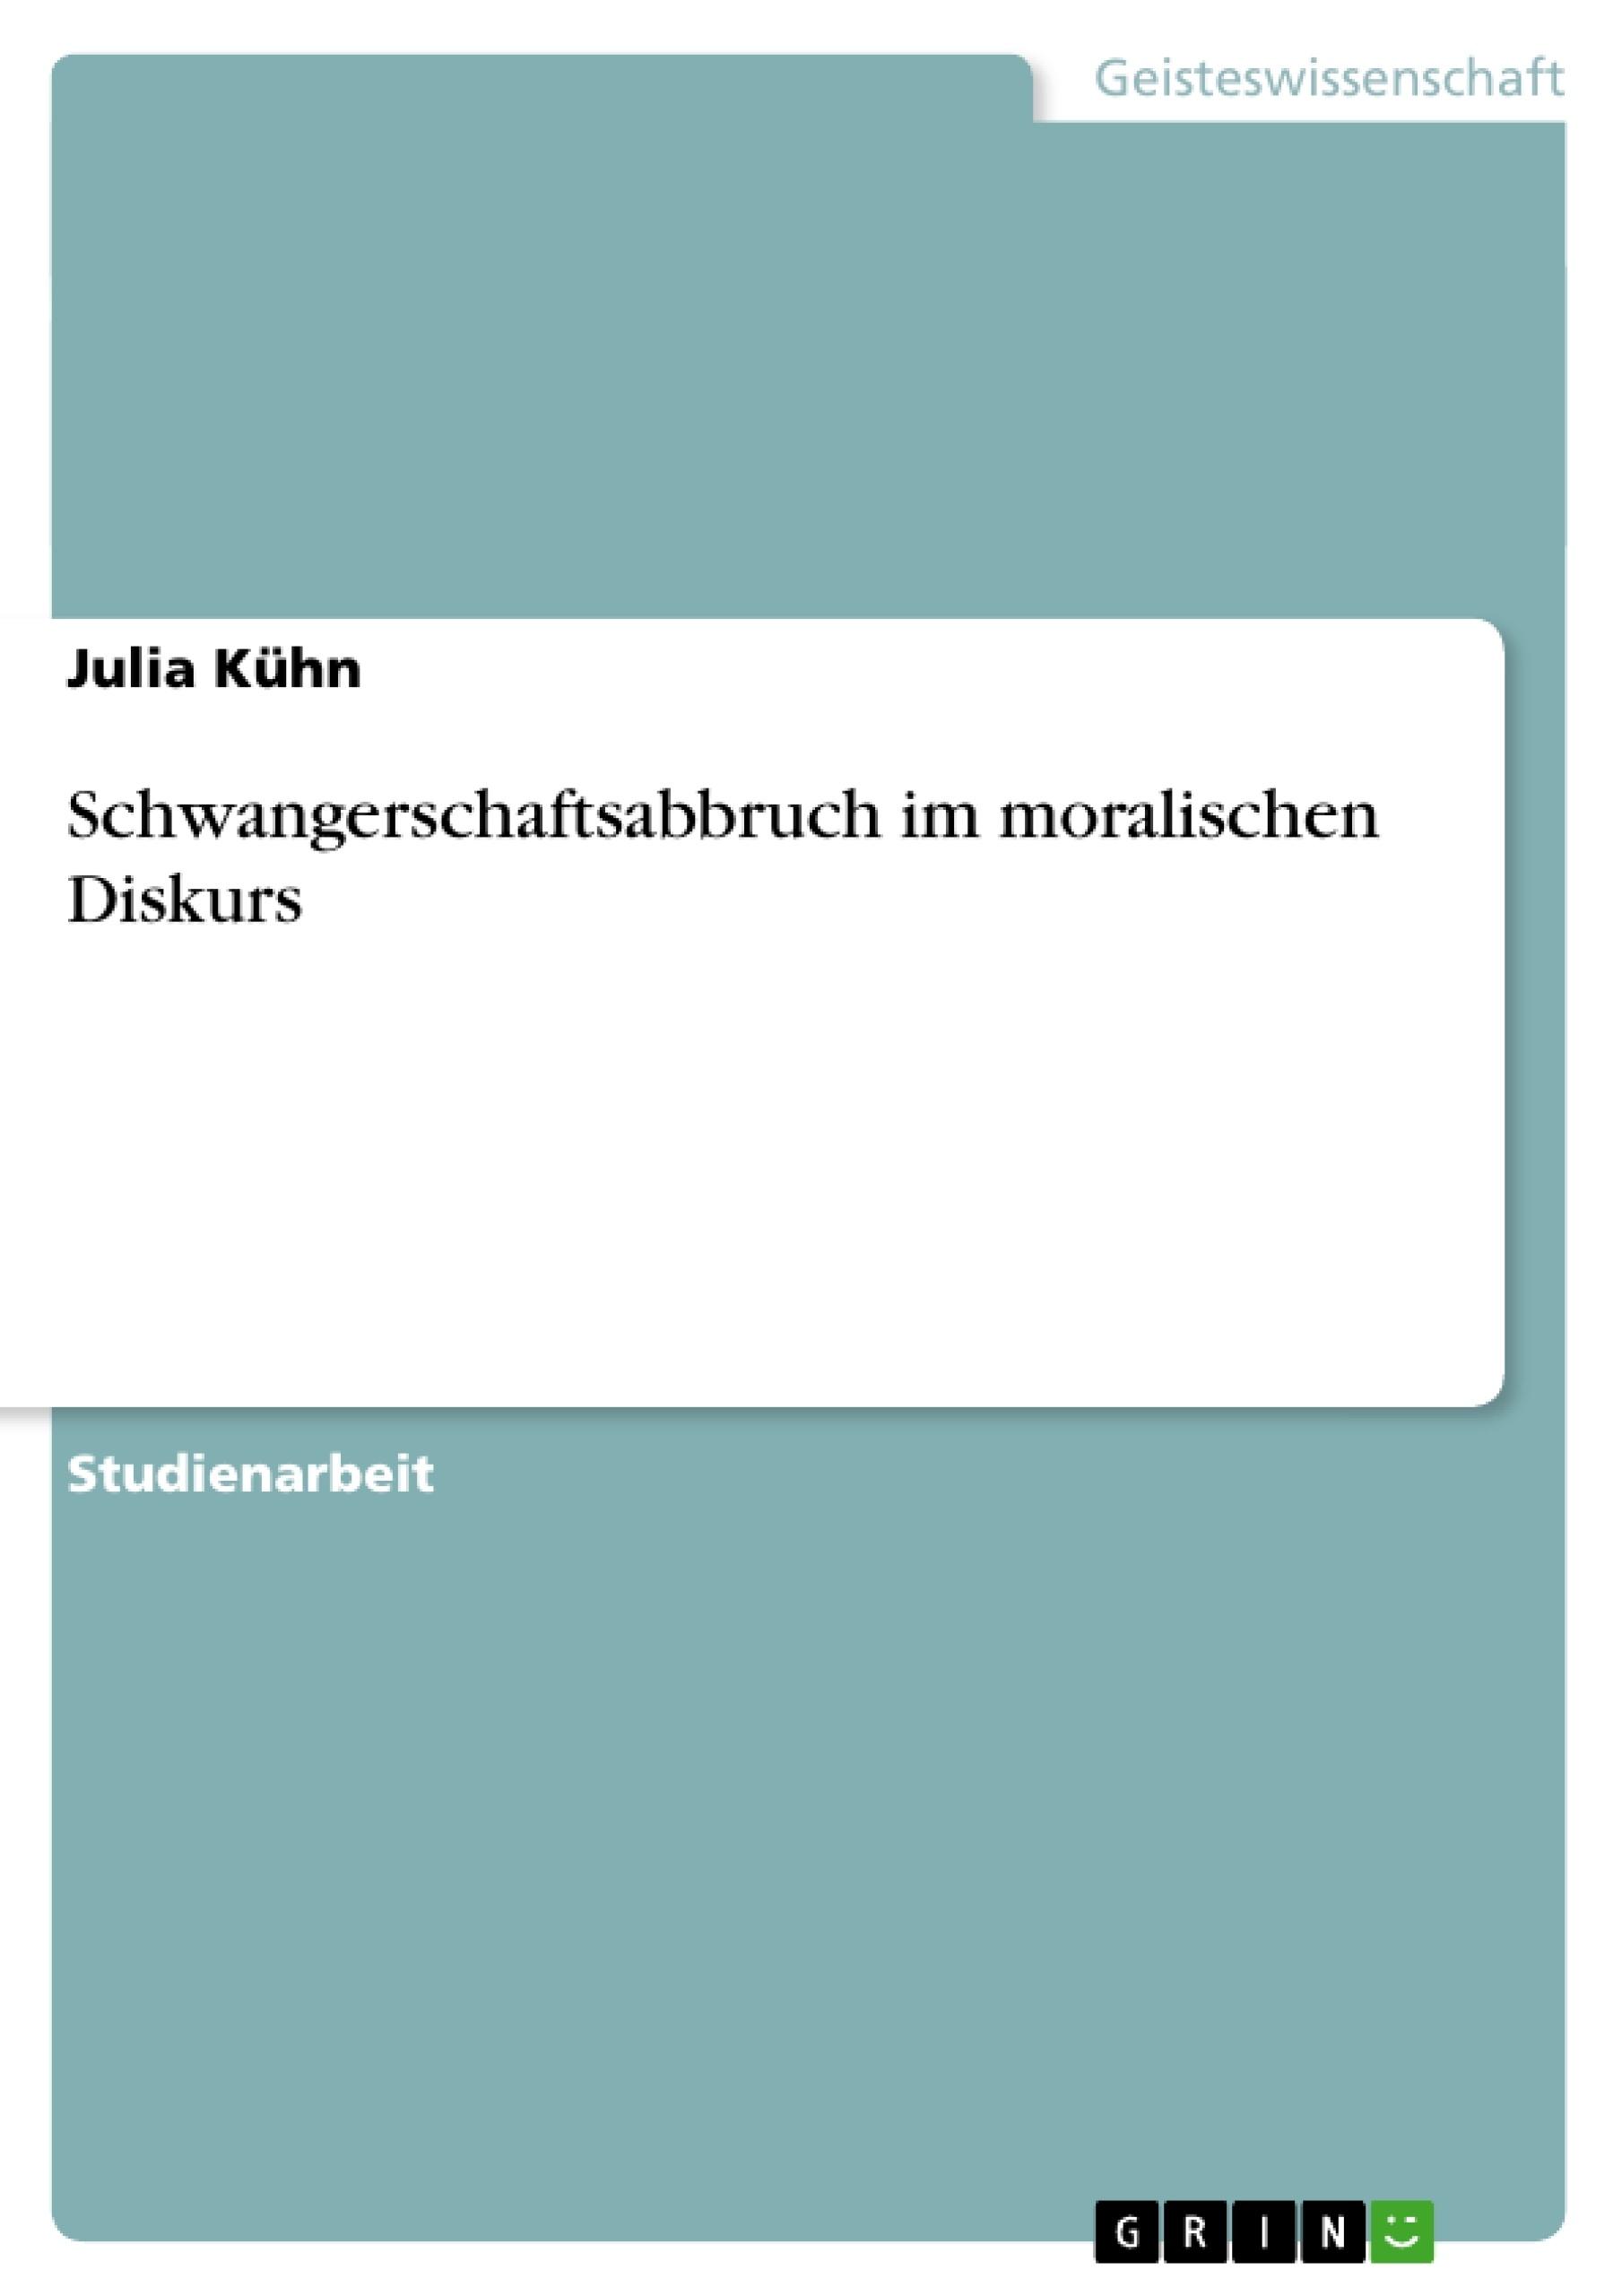 Titel: Schwangerschaftsabbruch im moralischen Diskurs